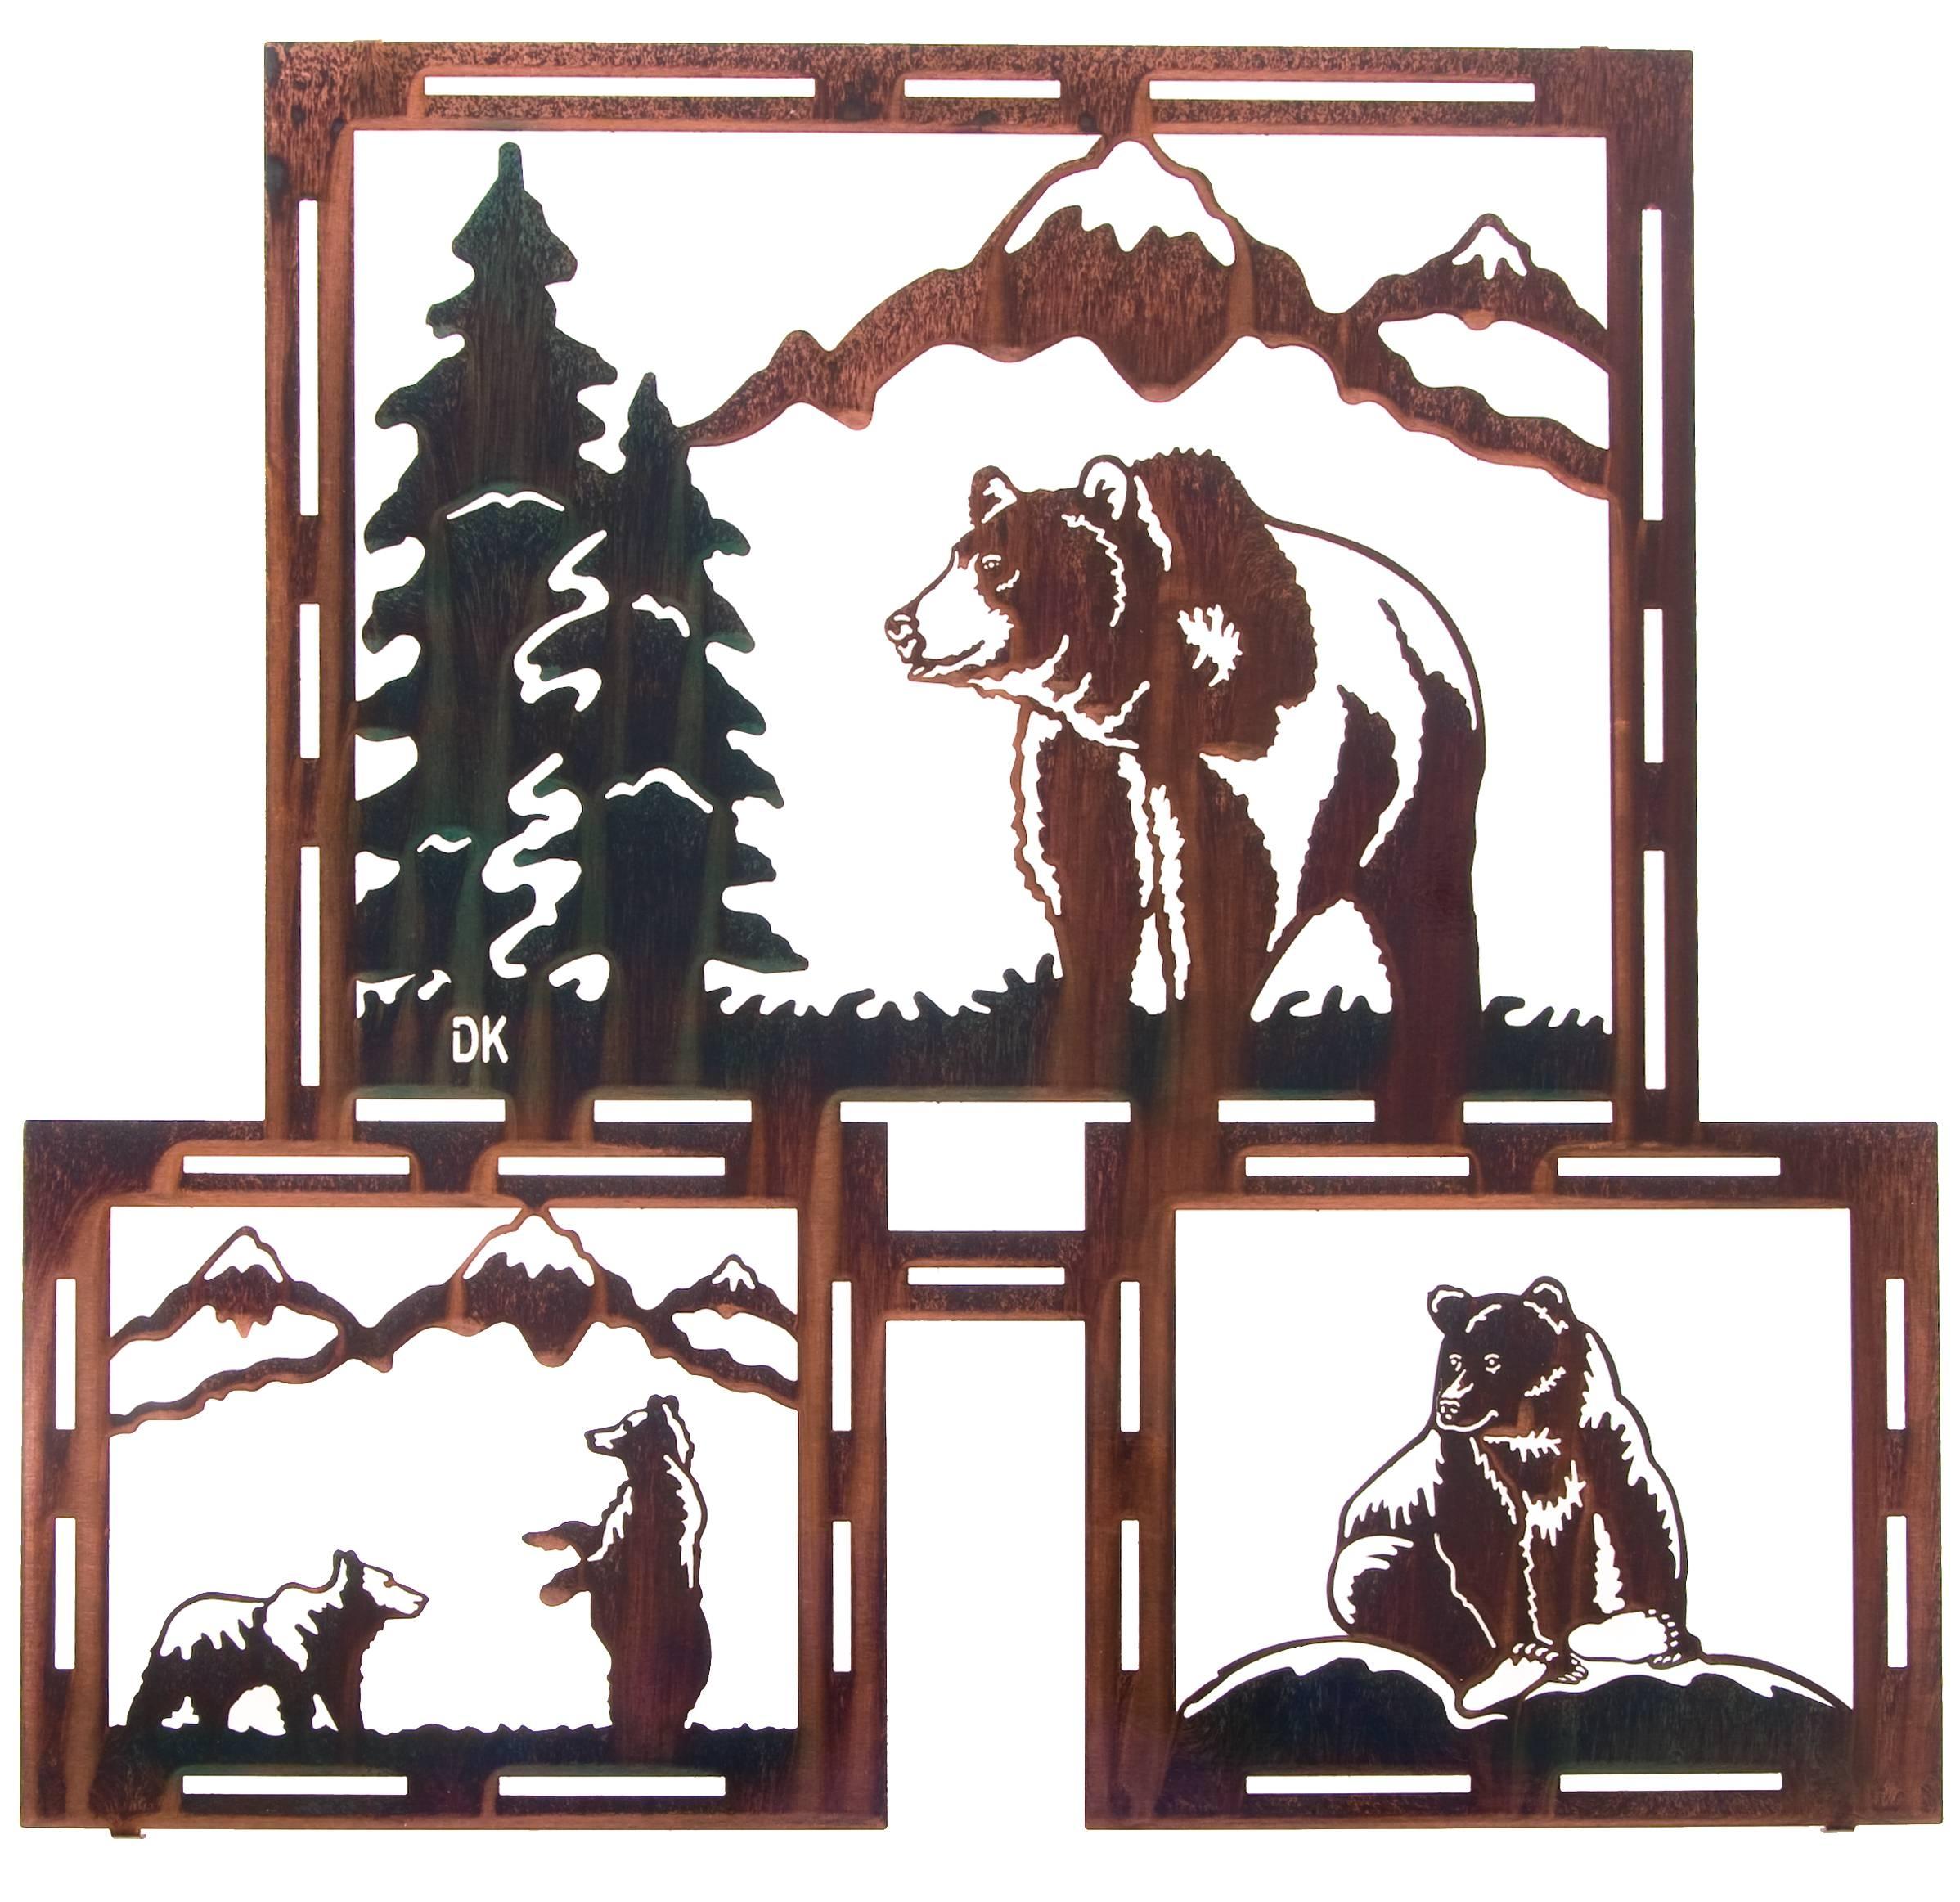 Bear Wall Art, Bear Wall Hangings, Metal Wall Sculptures Regarding Most Recent Wildlife Metal Wall Art (View 15 of 20)